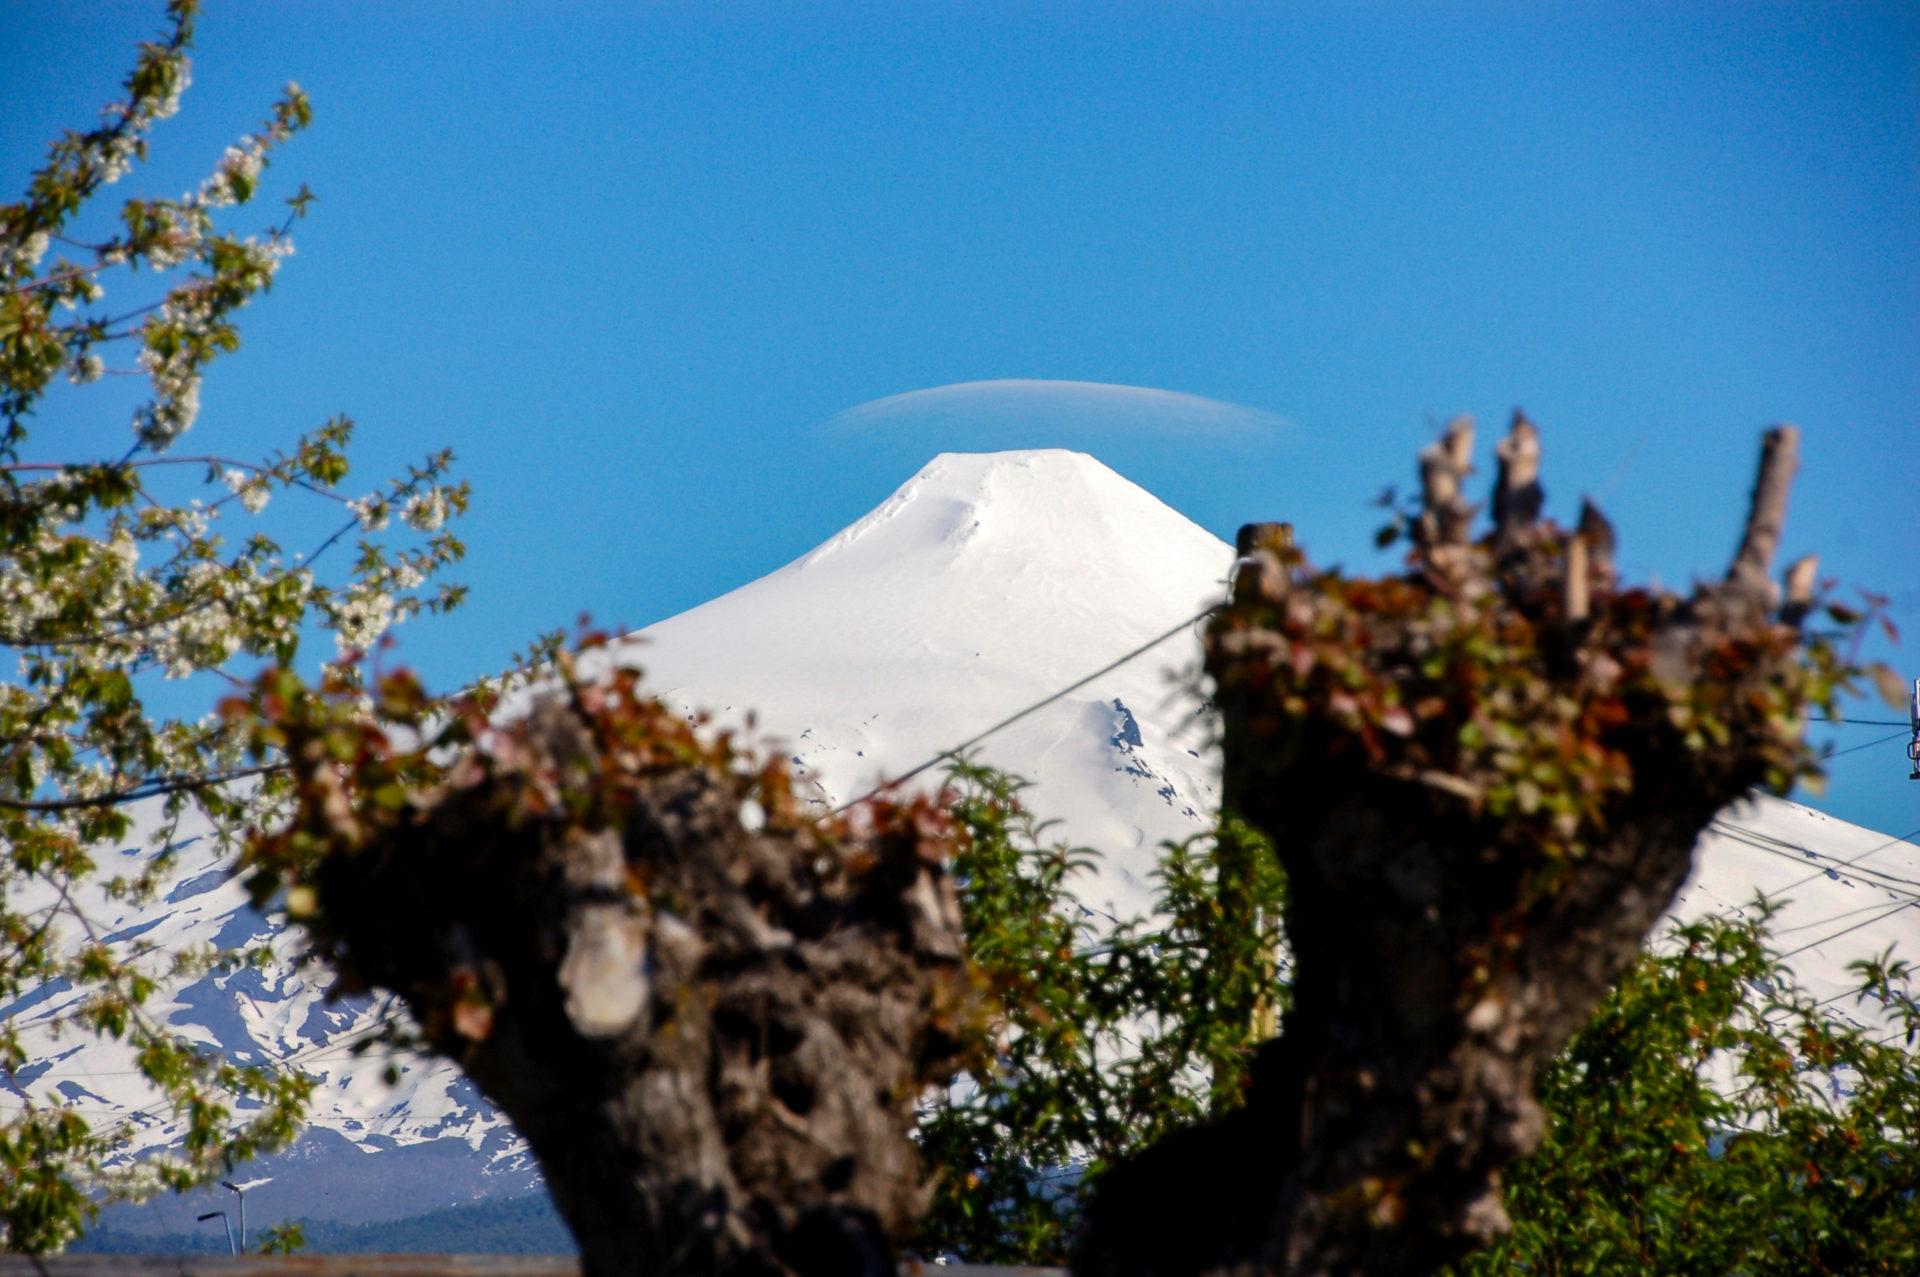 Der Vulkan Villaricca in Patagonien mit kleiner Abgaswolke